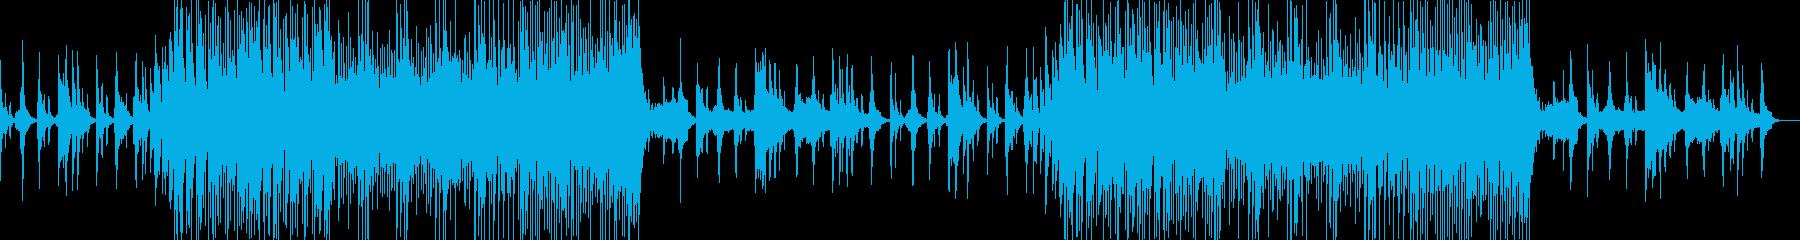 尺八から始まる三味線の和風BGMの再生済みの波形